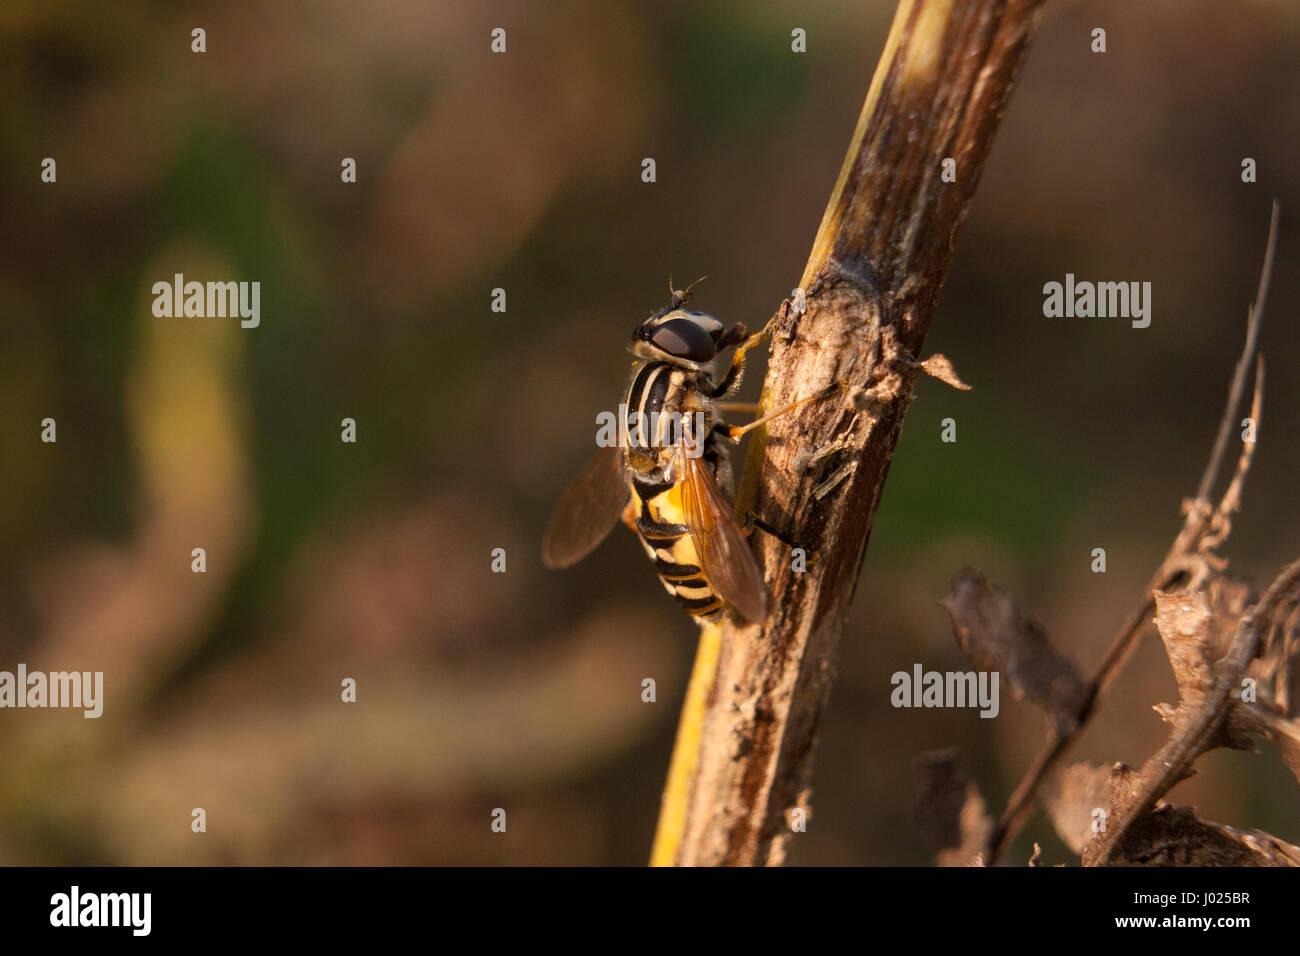 Schöne enge Schuss der Biene auf dem braunen Zweig. Bild wurde im Botanischen Garten in der Sonne abgerissen. Stockbild